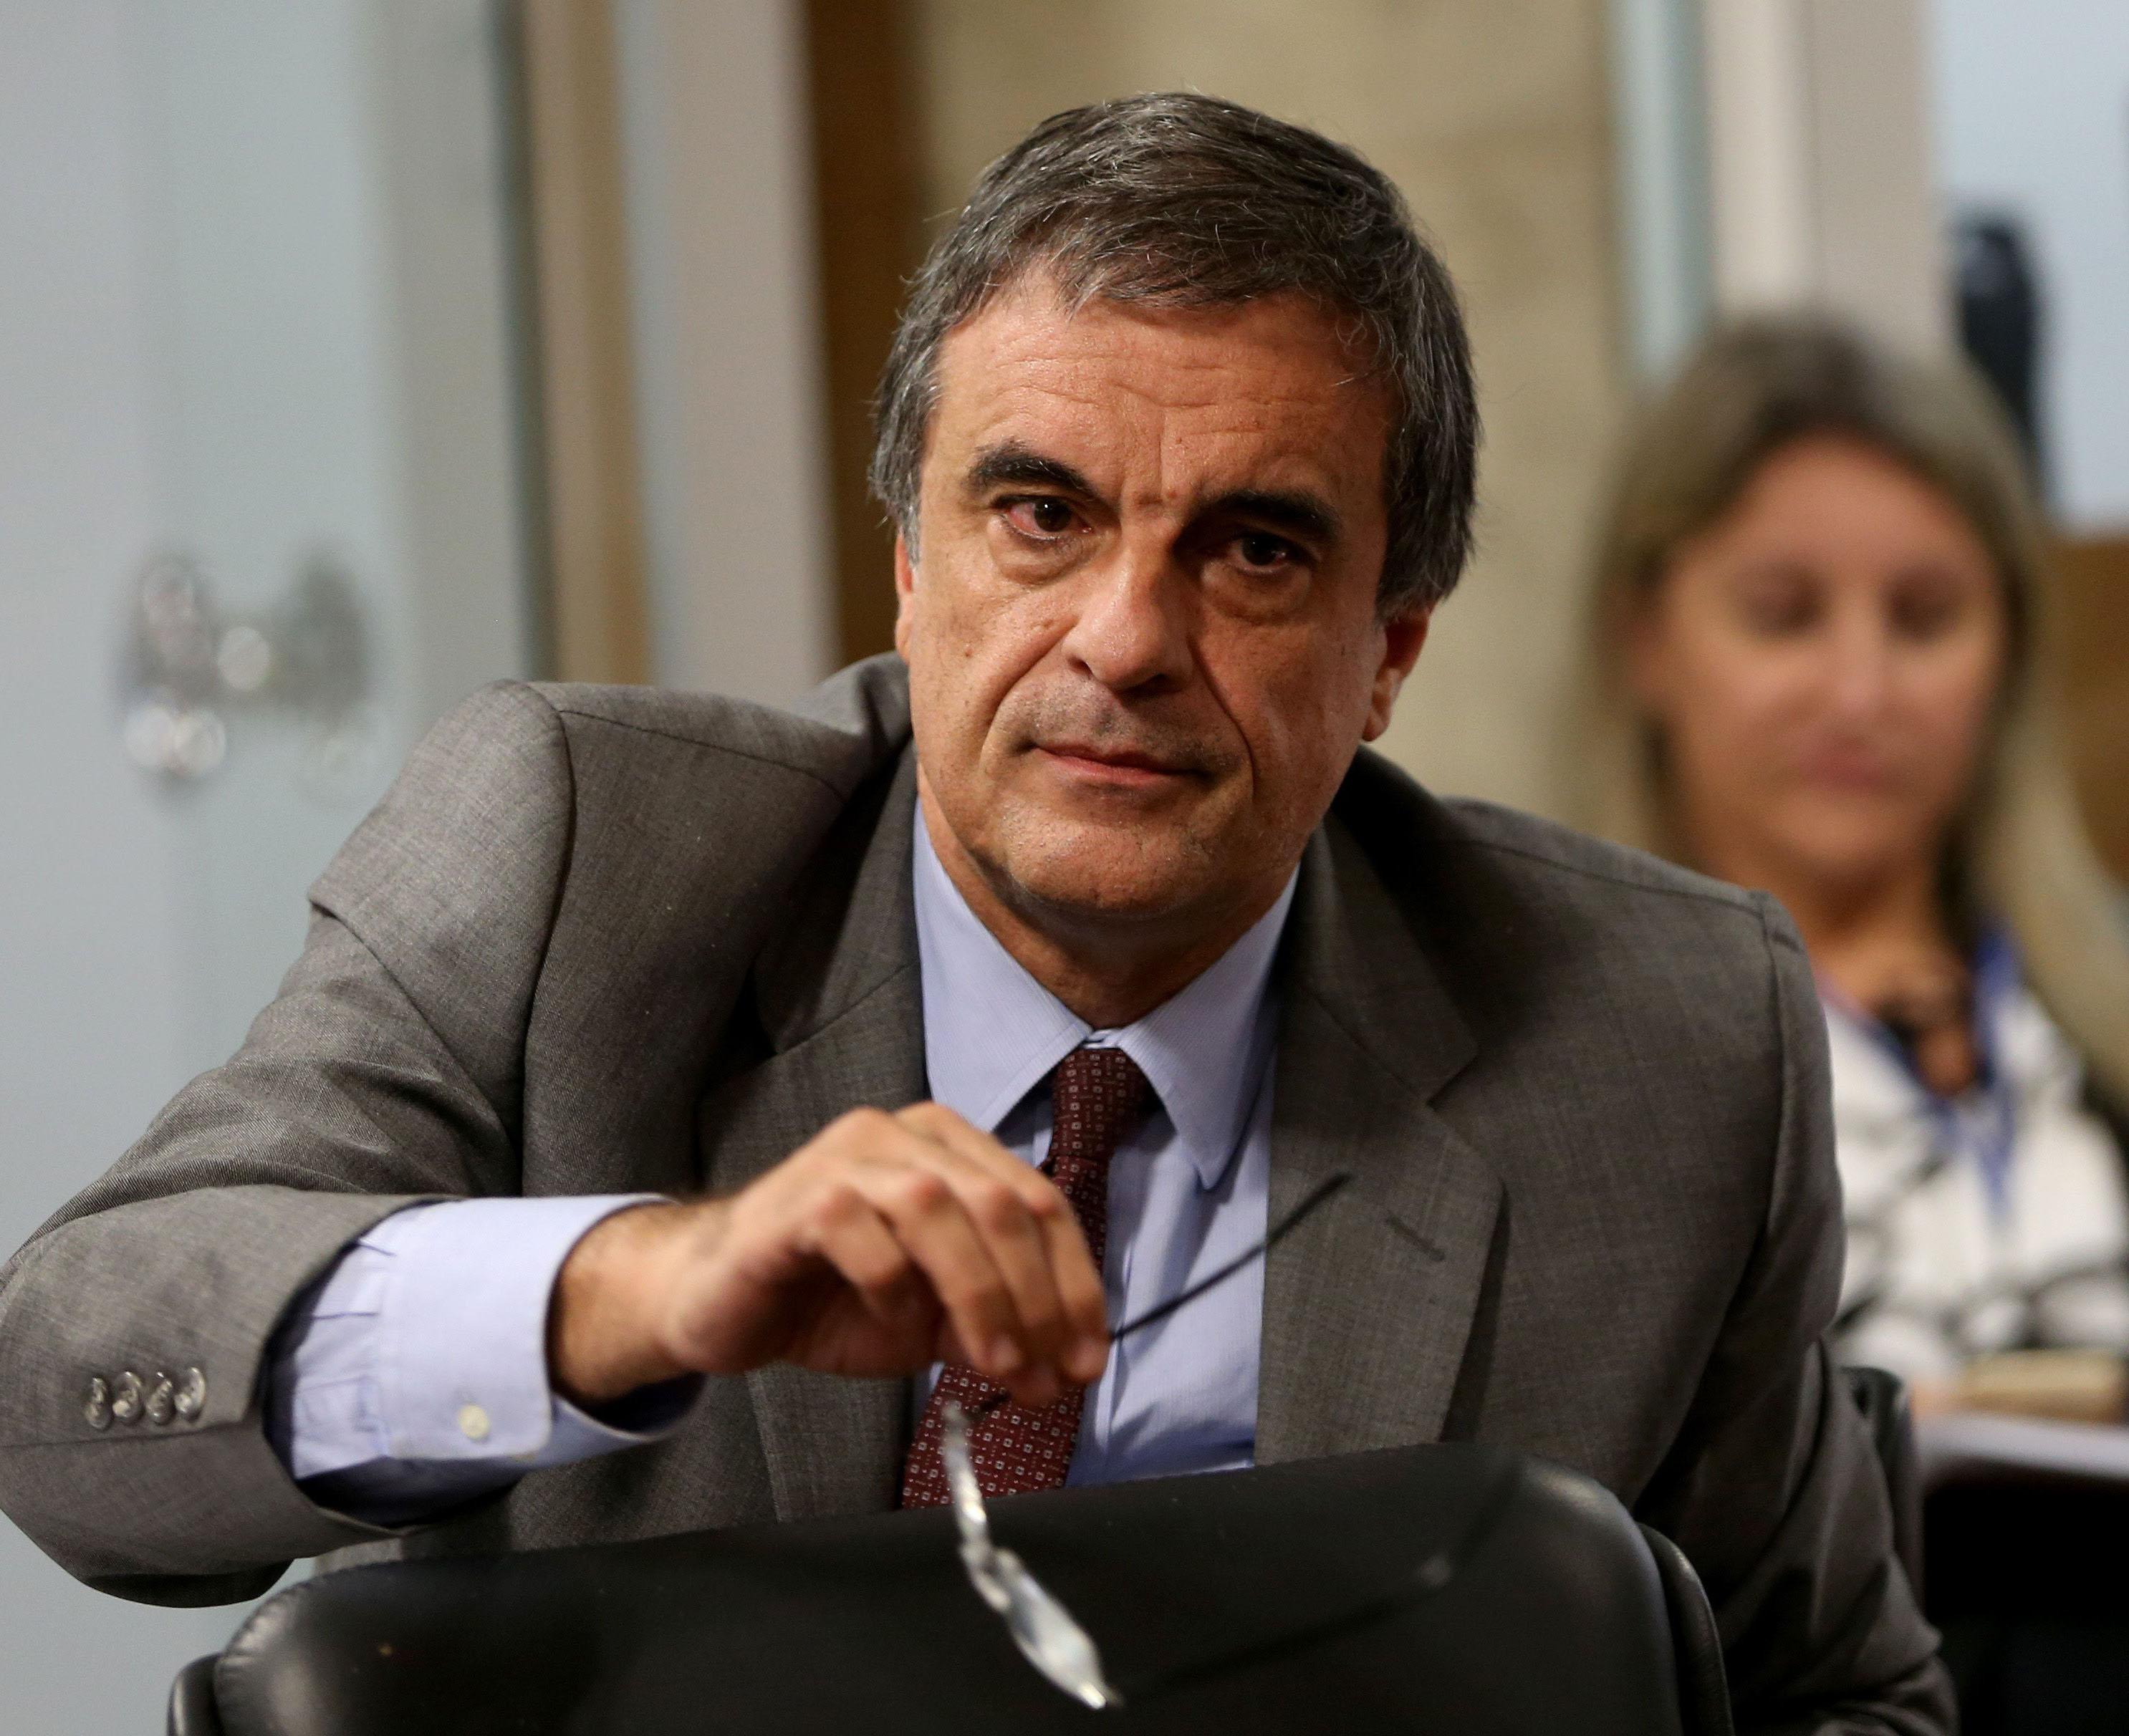 Brasília - O advogado de Dilma, José Eduardo Cardozo na Comissão Processante do Impeachment durante oitiva do ex-ministro da Defesa Aldo Rebelo (Wilson Dias/Agência Brasil)